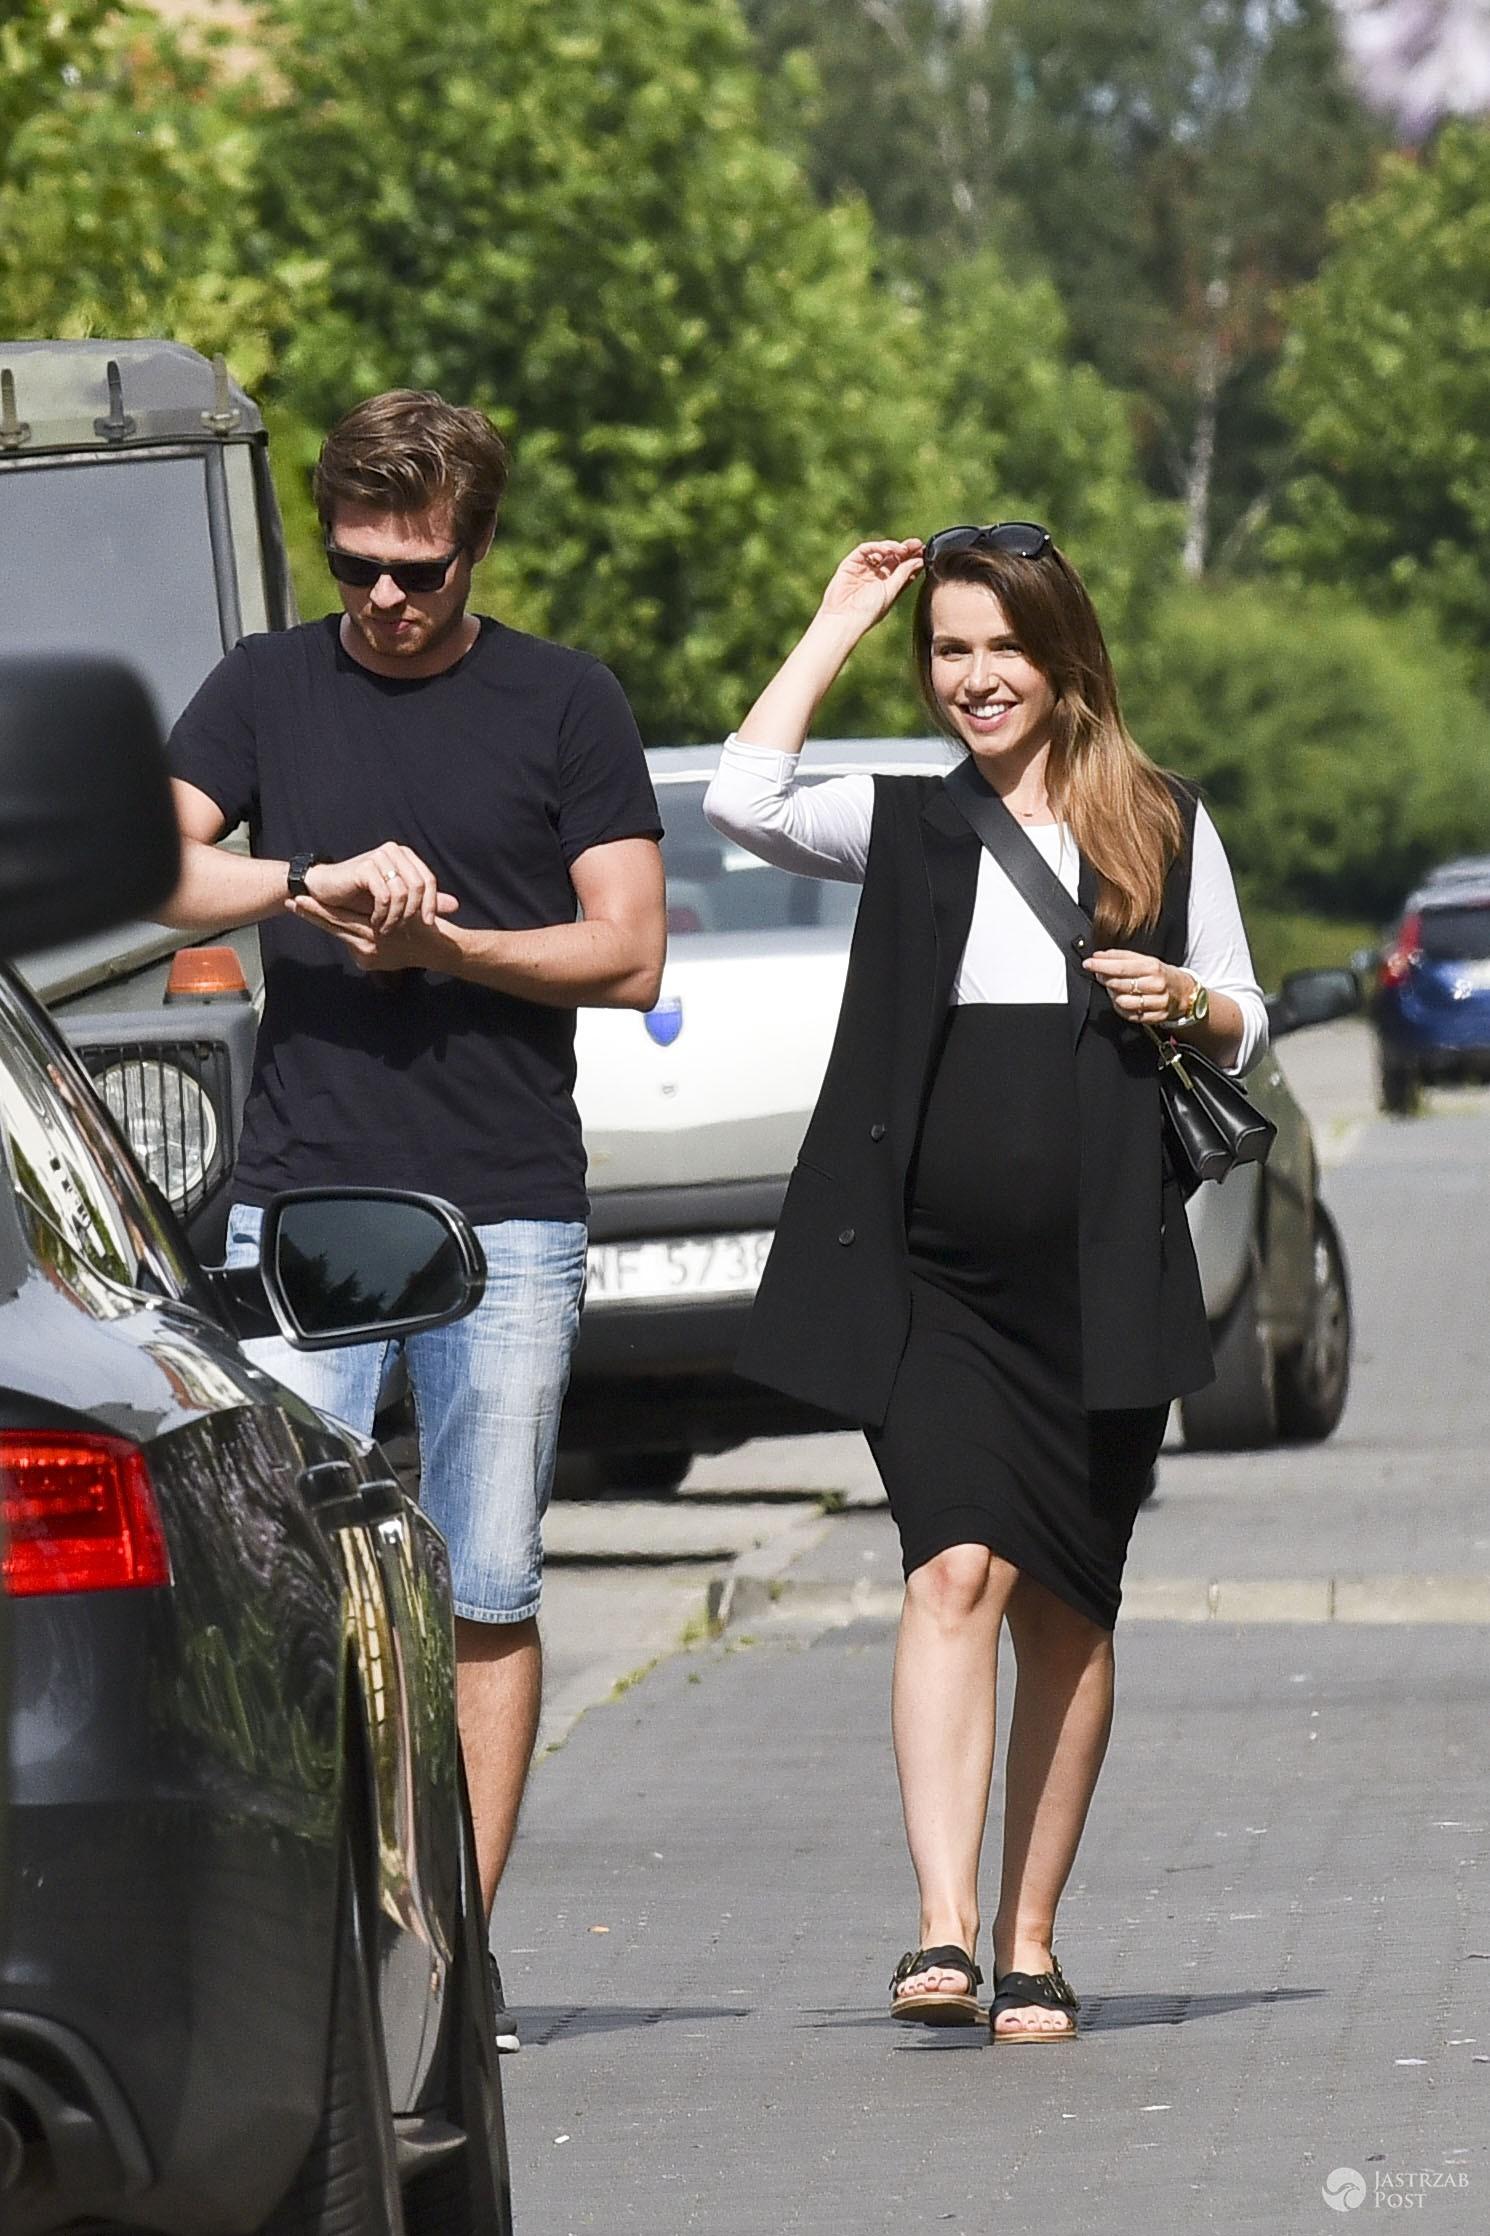 Marta Żmuda Trzebiatowska w ciąży z mężem na randce